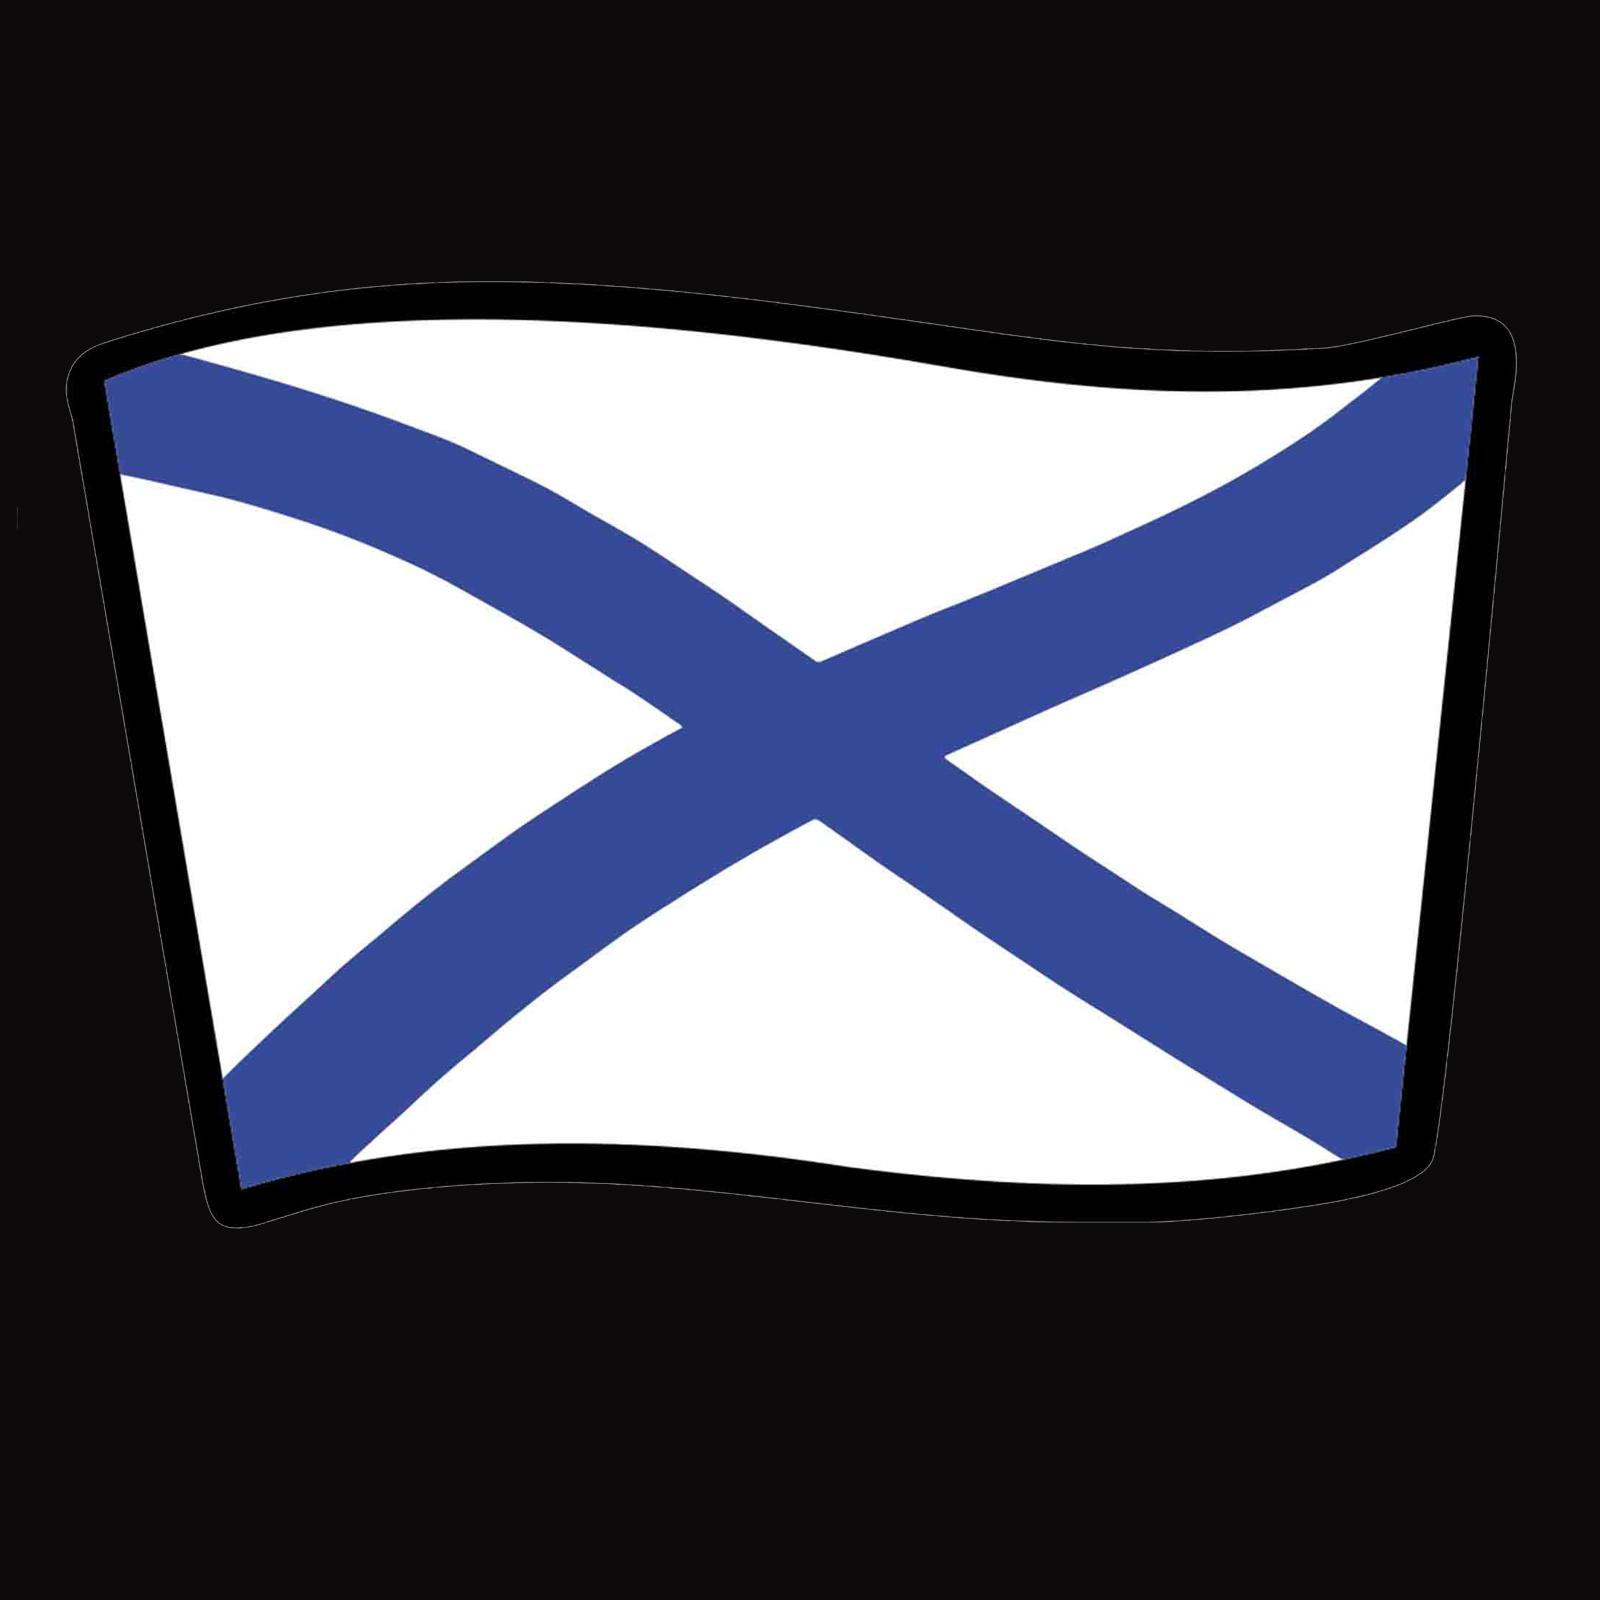 Черная футболка ВМФ с Андреевским флагом - термотрансфер